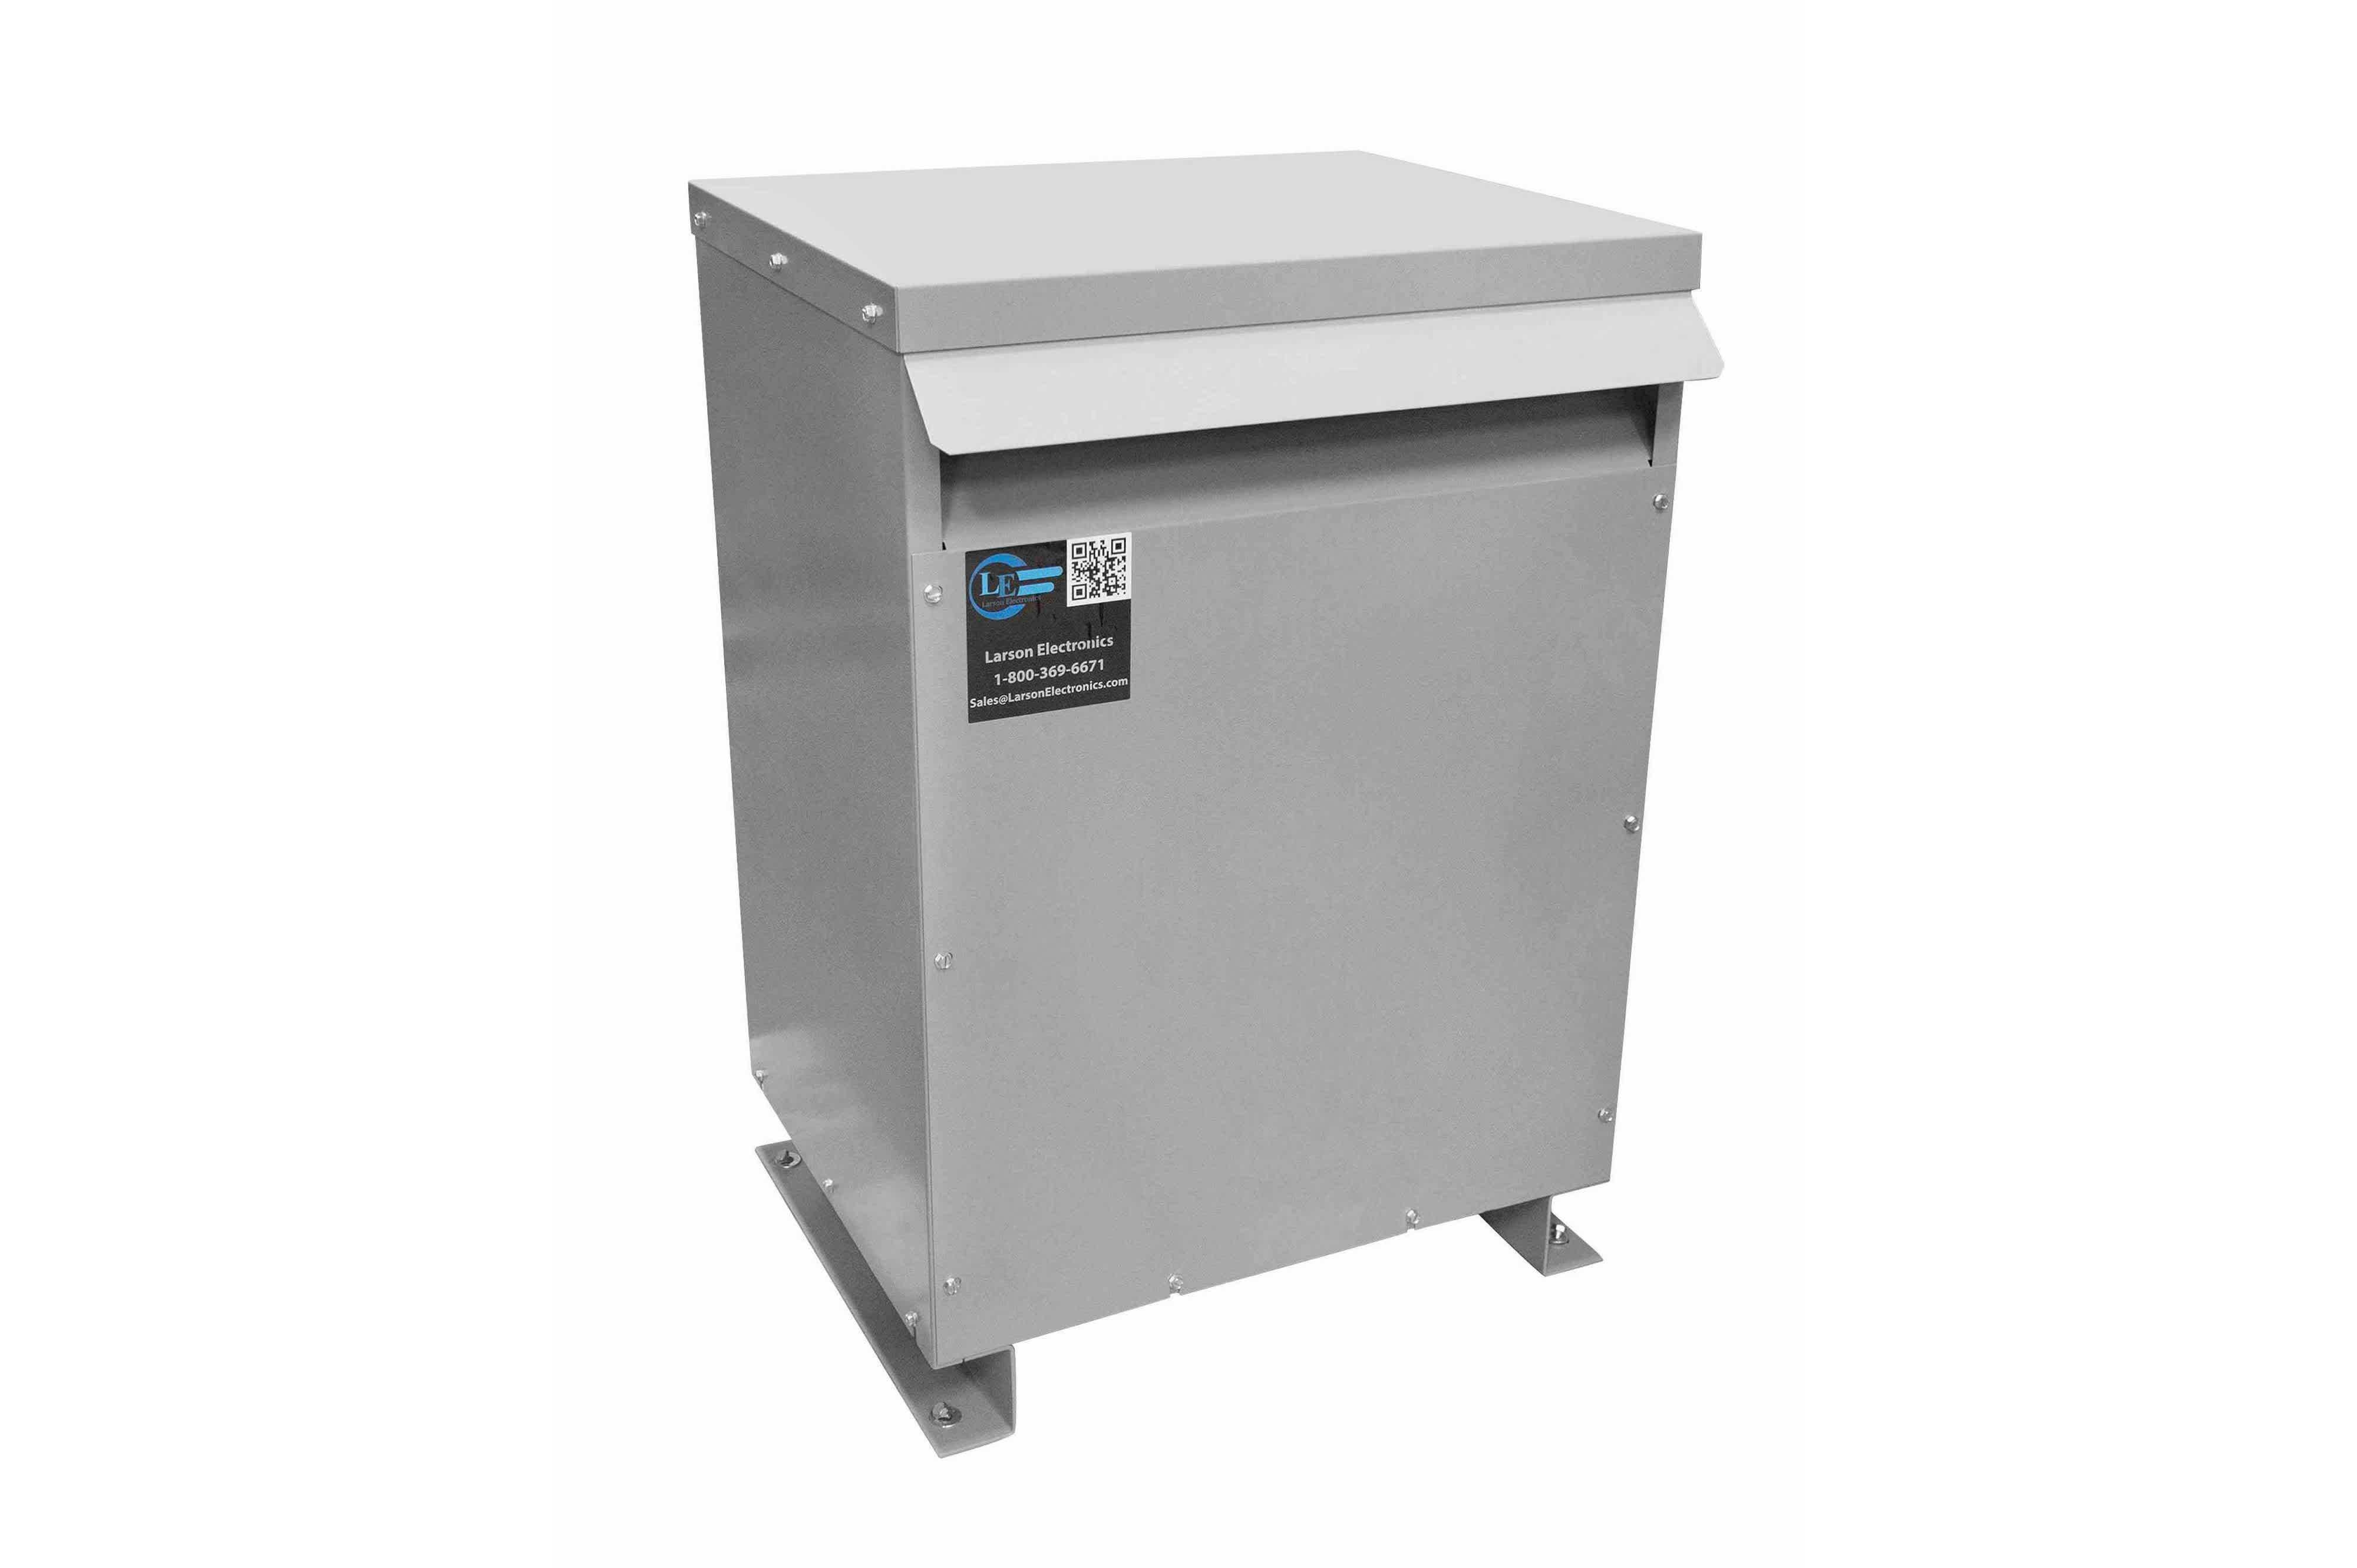 200 kVA 3PH Isolation Transformer, 440V Delta Primary, 240 Delta Secondary, N3R, Ventilated, 60 Hz